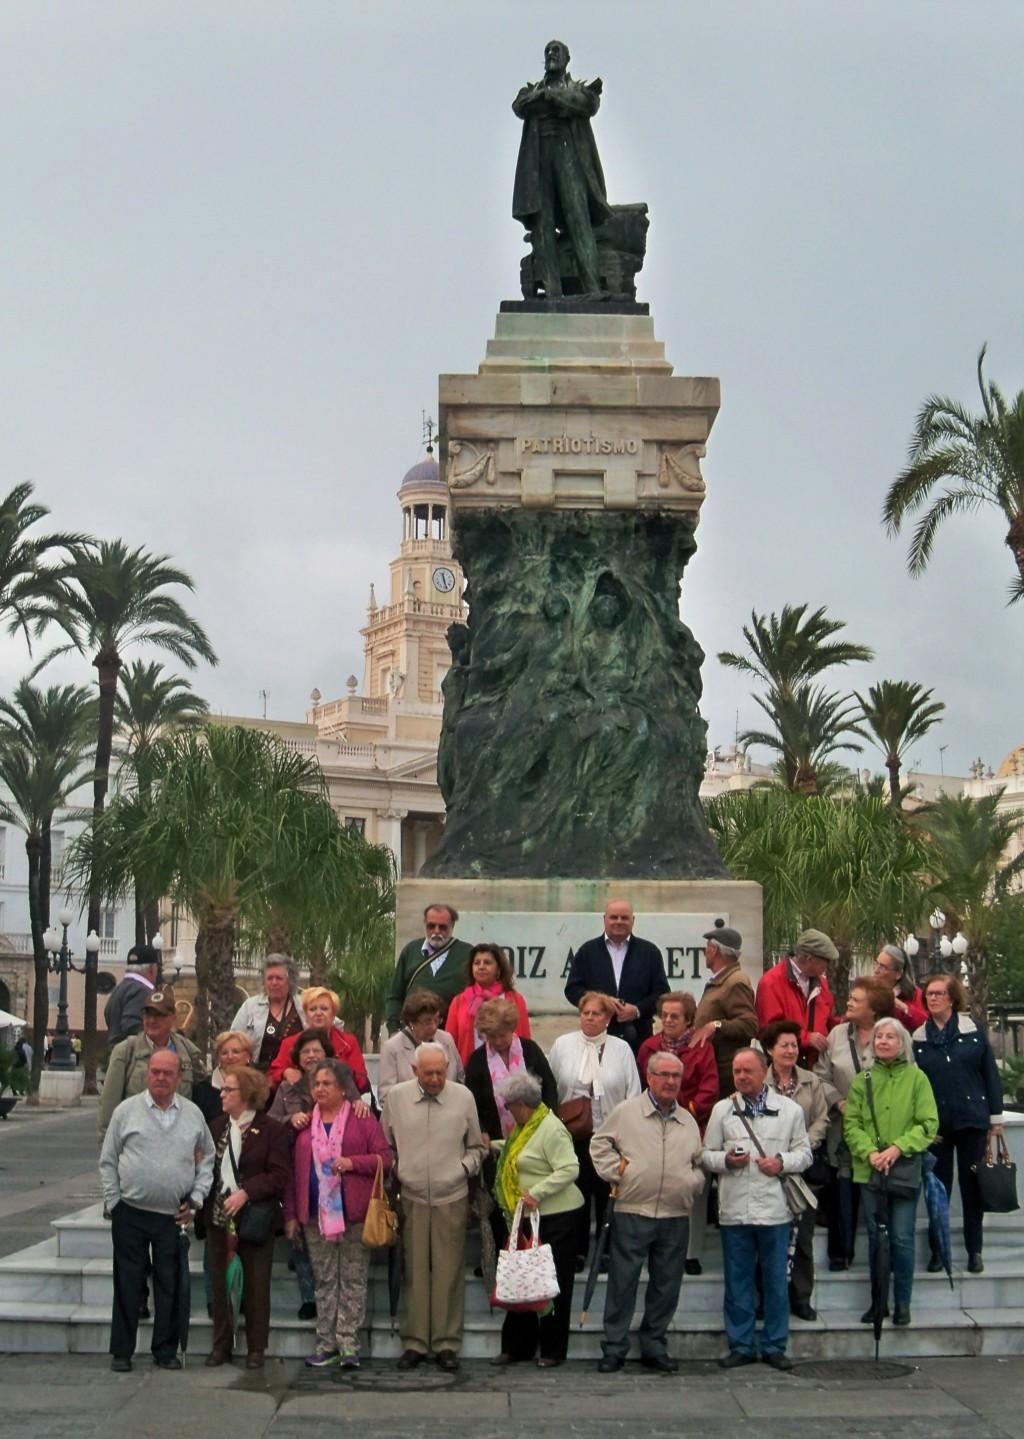 Un recuerdo de Cádiz, en el monumento a Moret.